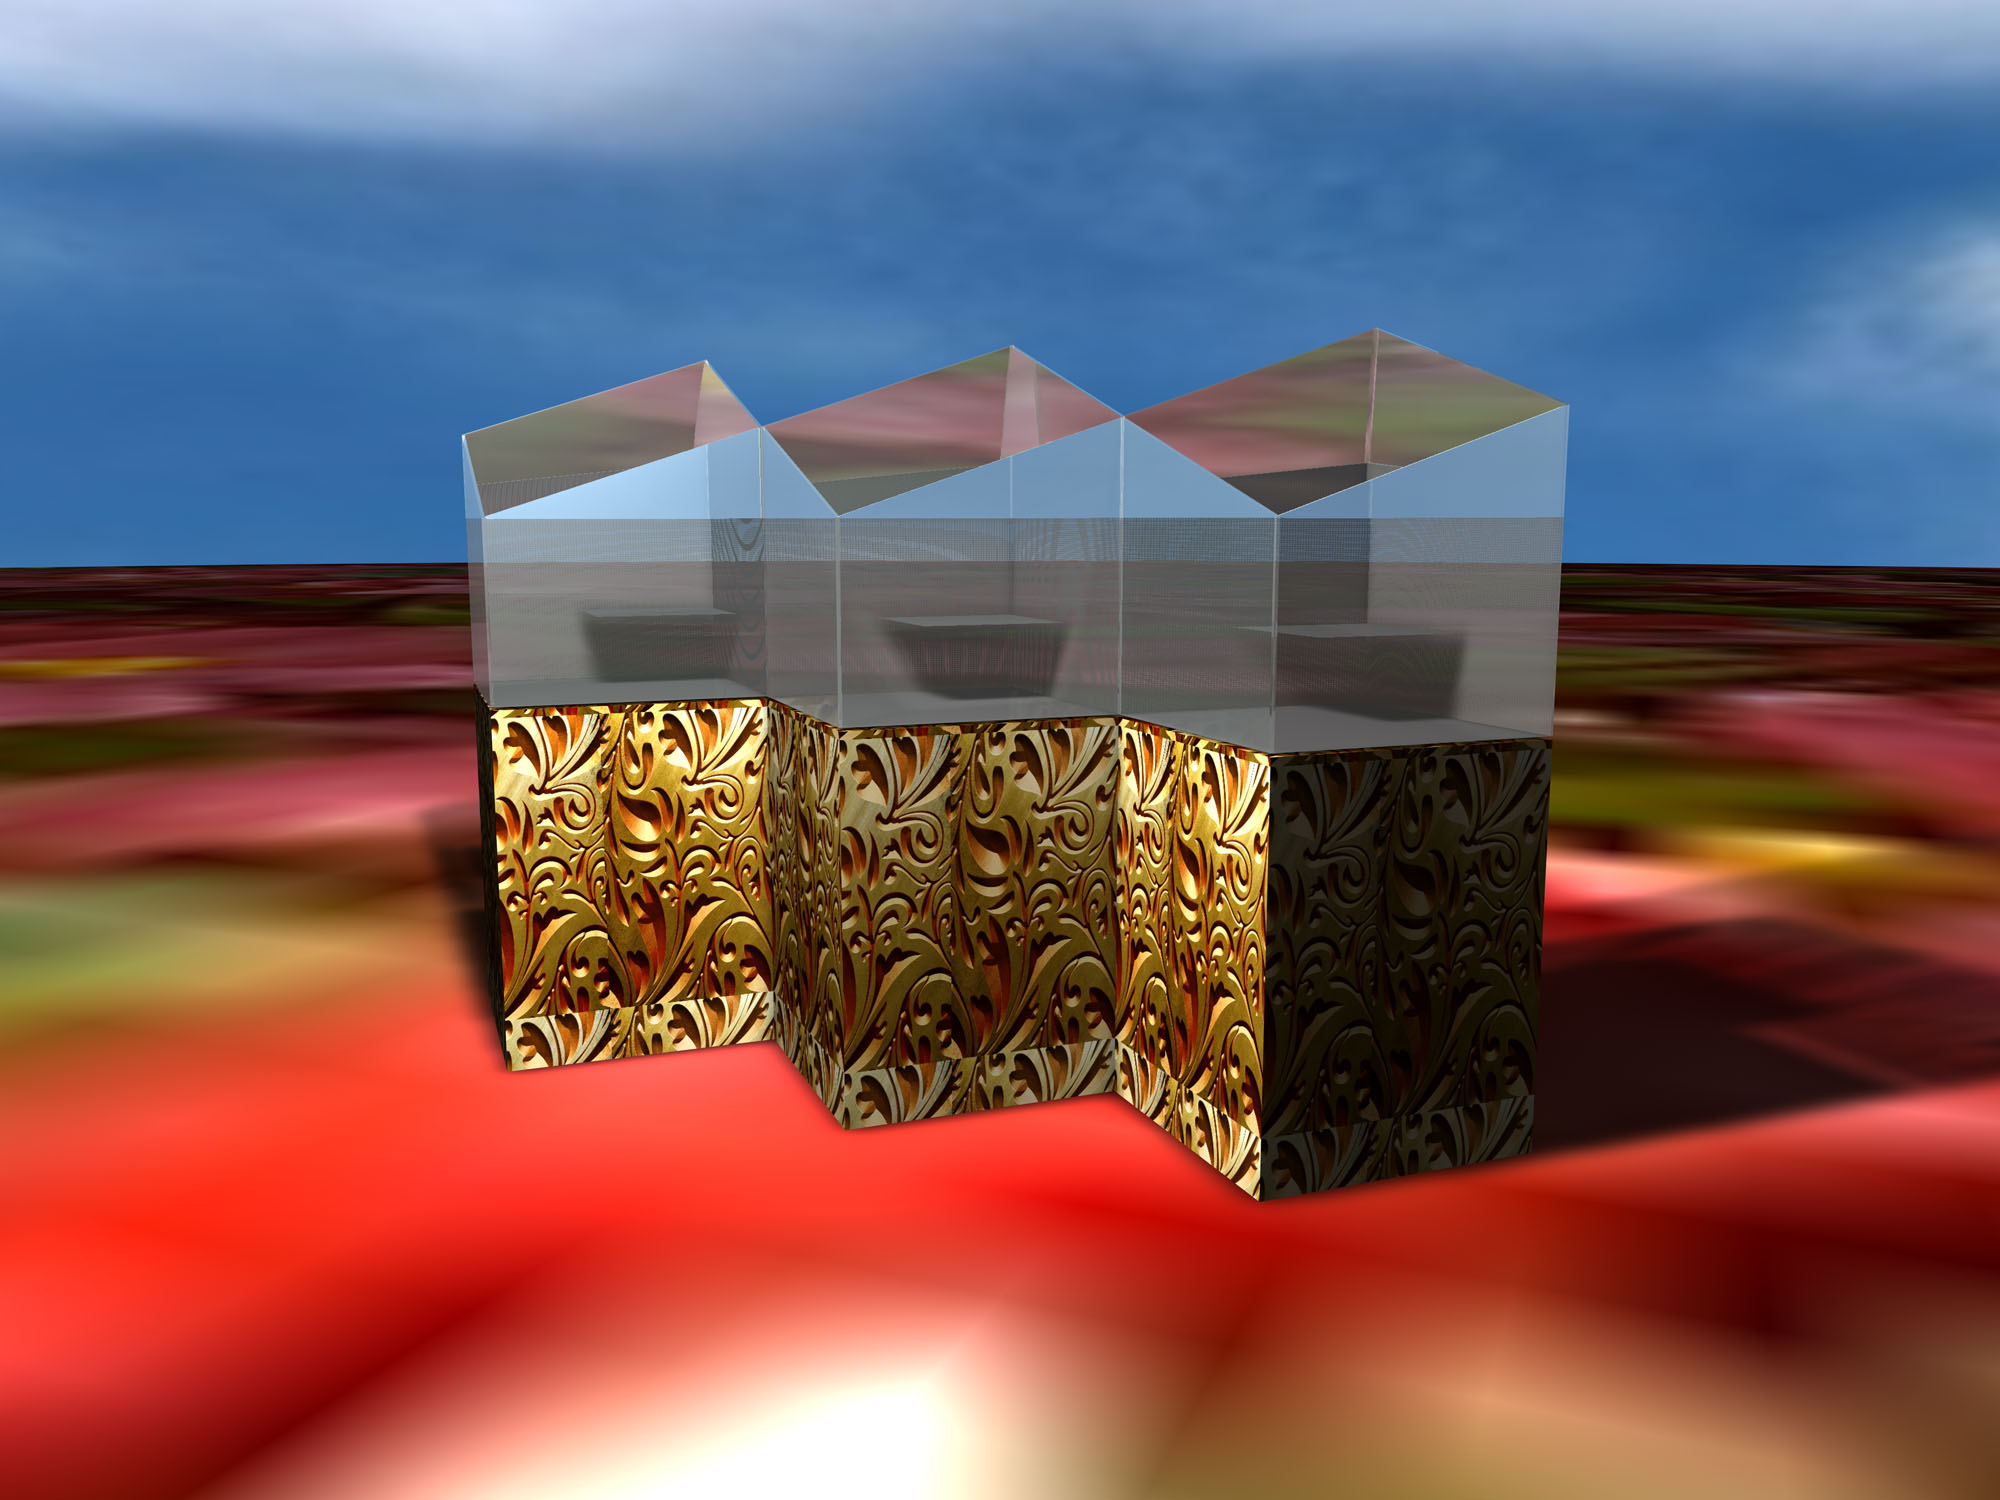 Дизайн конструкции для размещения в ней живого соболя фото f_90356fccdeb8377f.jpg